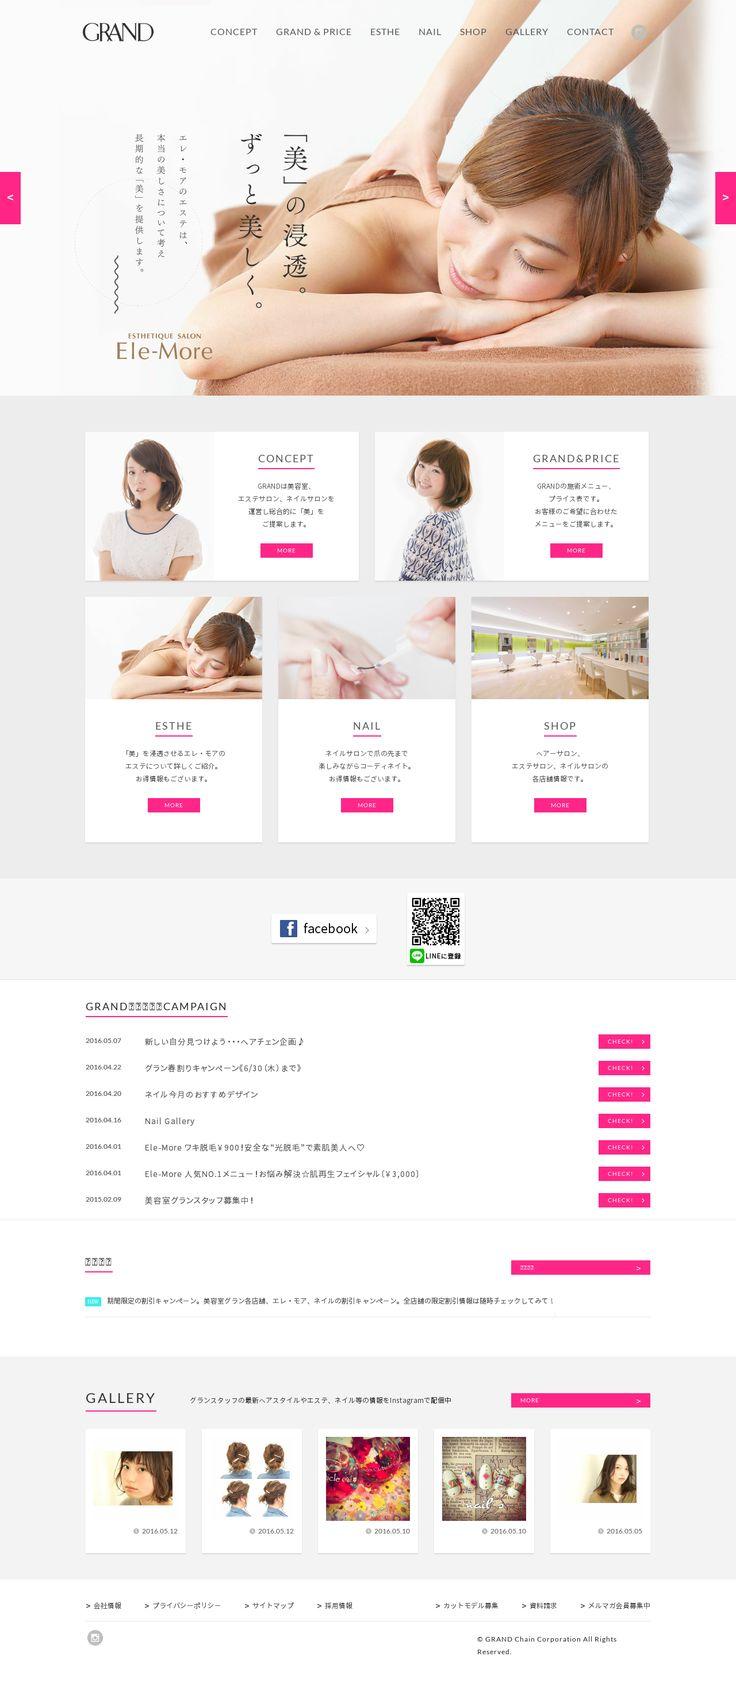 エステ・マッサージ・レシポンシブWEBデザイン・WEBデザイン・ホームページ・デザイン・ホワイト・グレー・ピンク